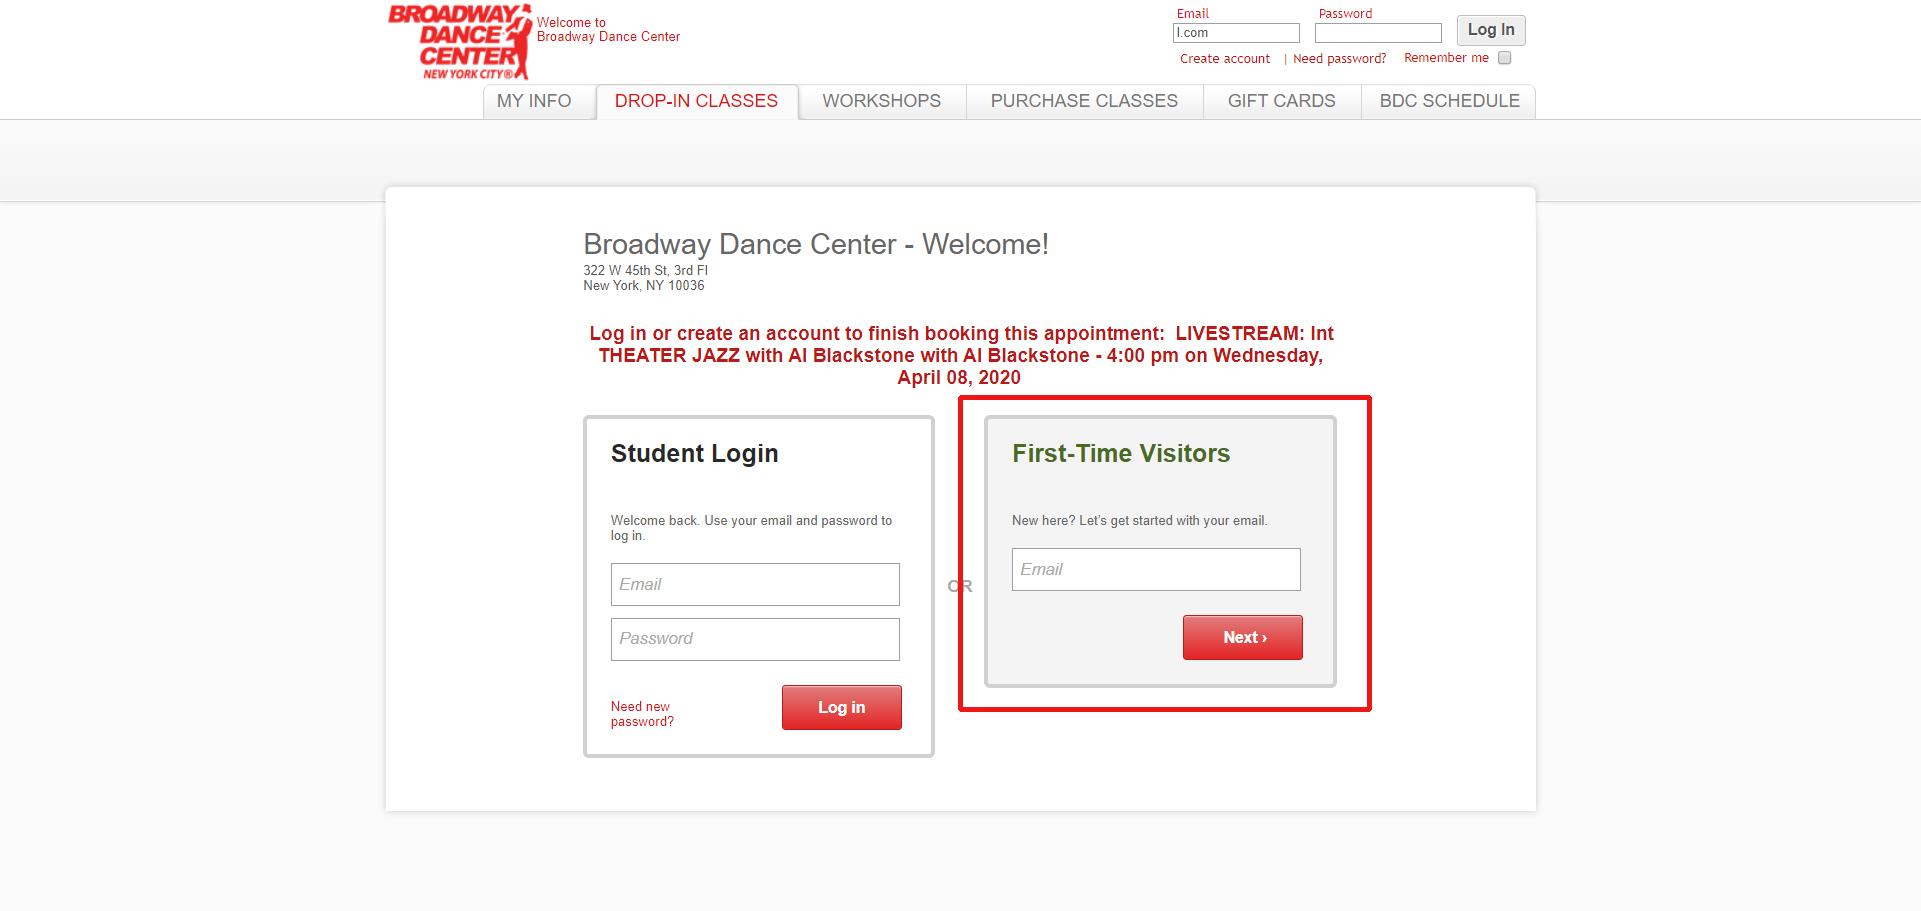 Broadway-Dance-Center